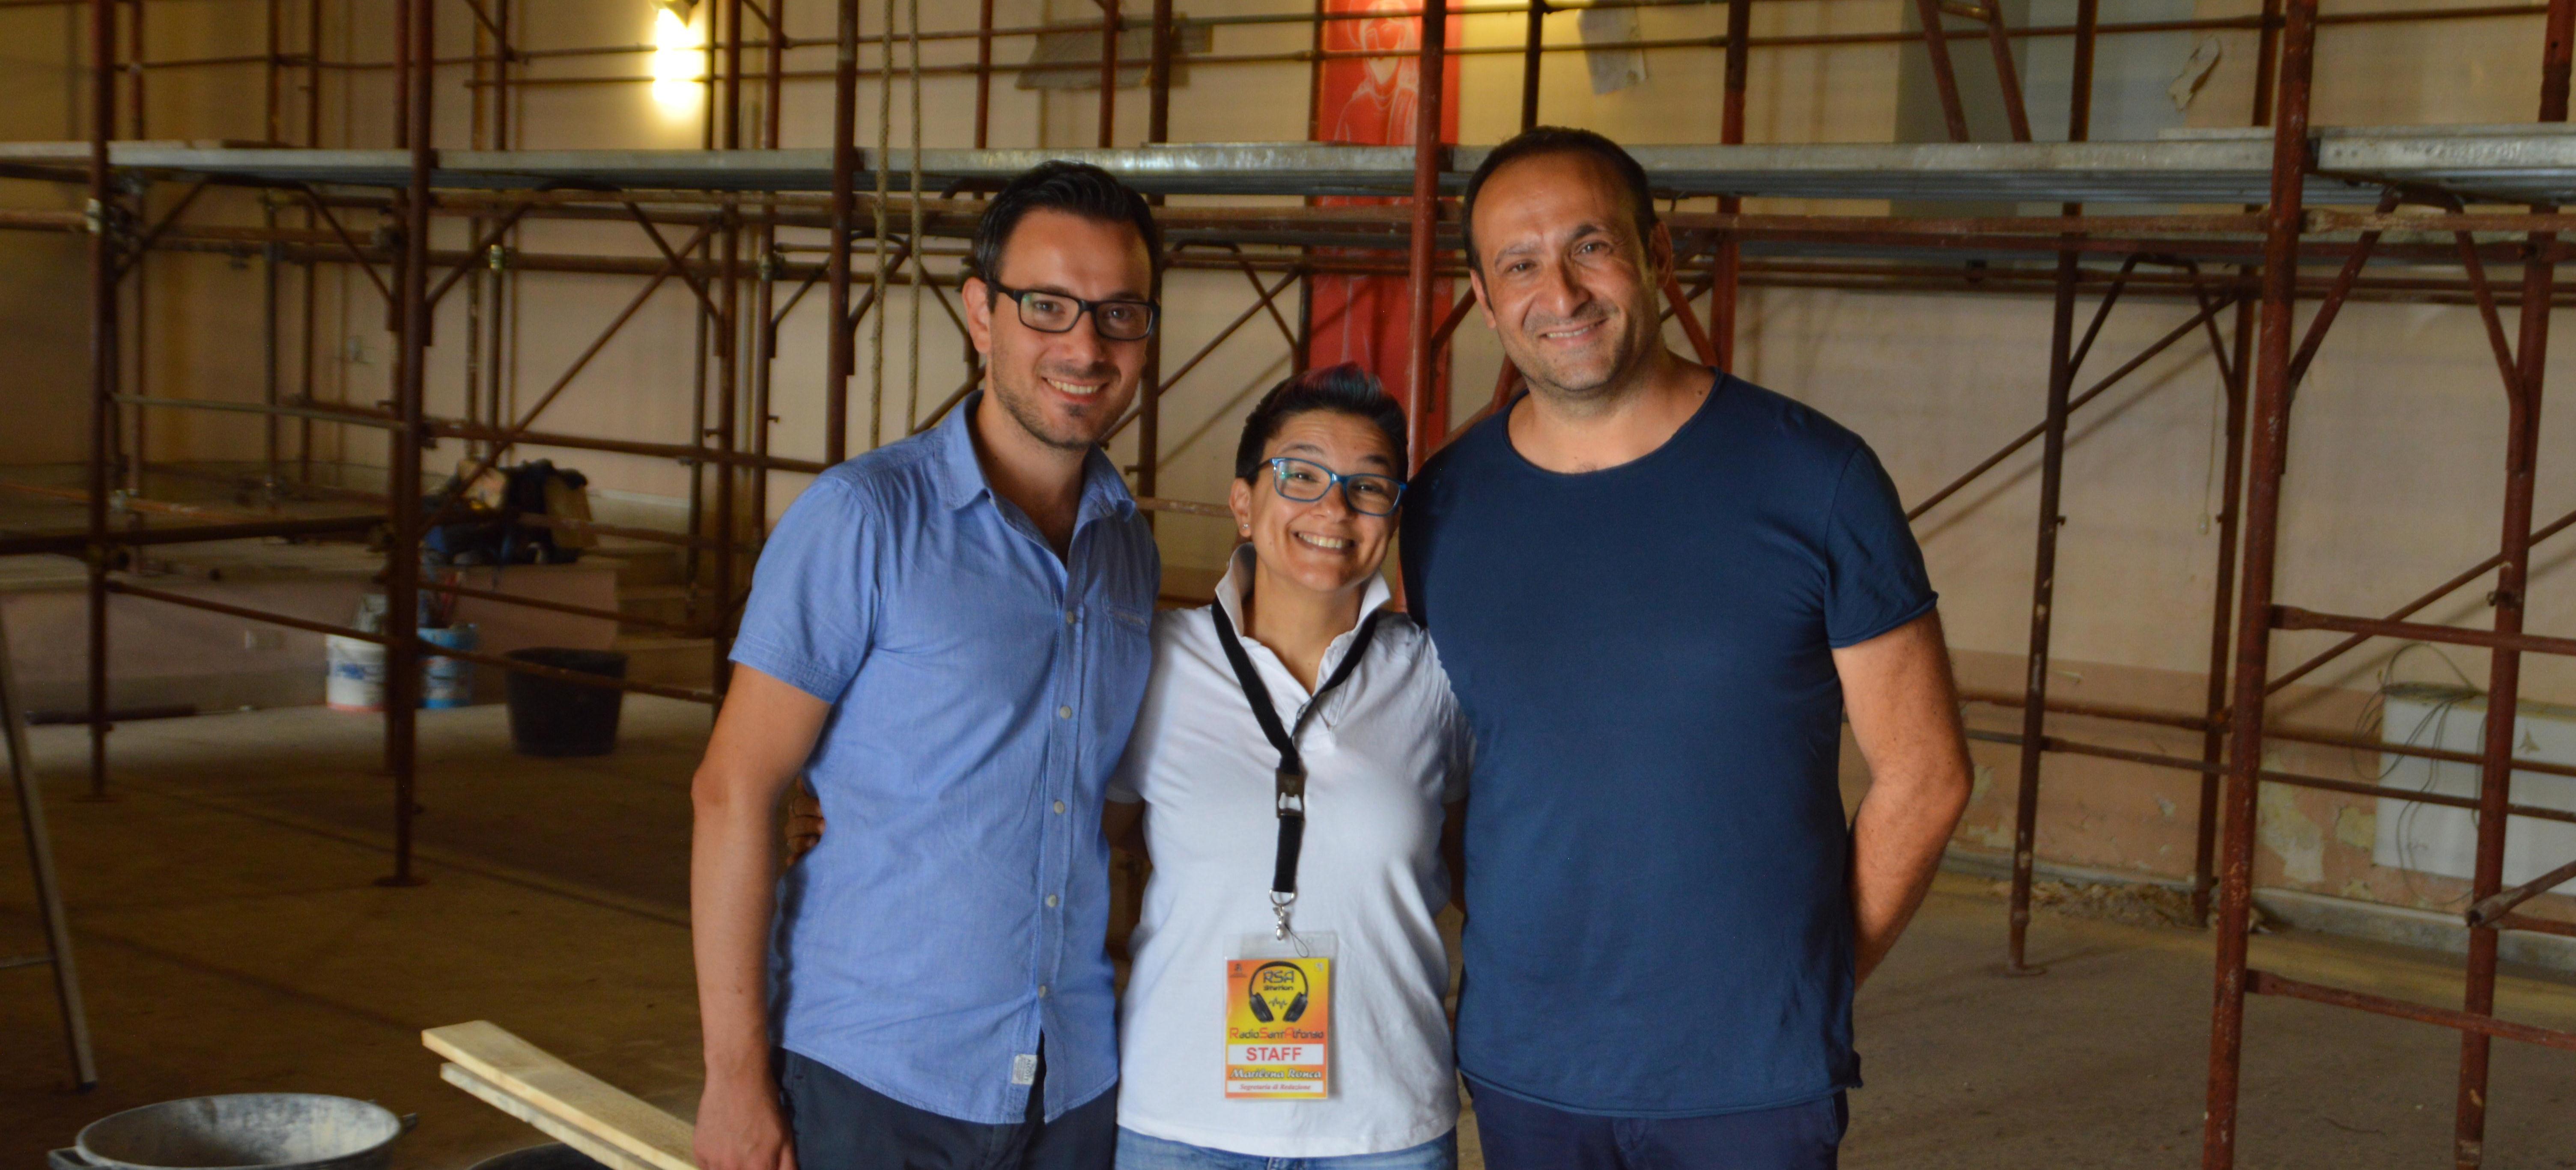 Caritas Diocesana Amalfi – Cava  Iniziano i lavori per l'Emporio della Solidarietà